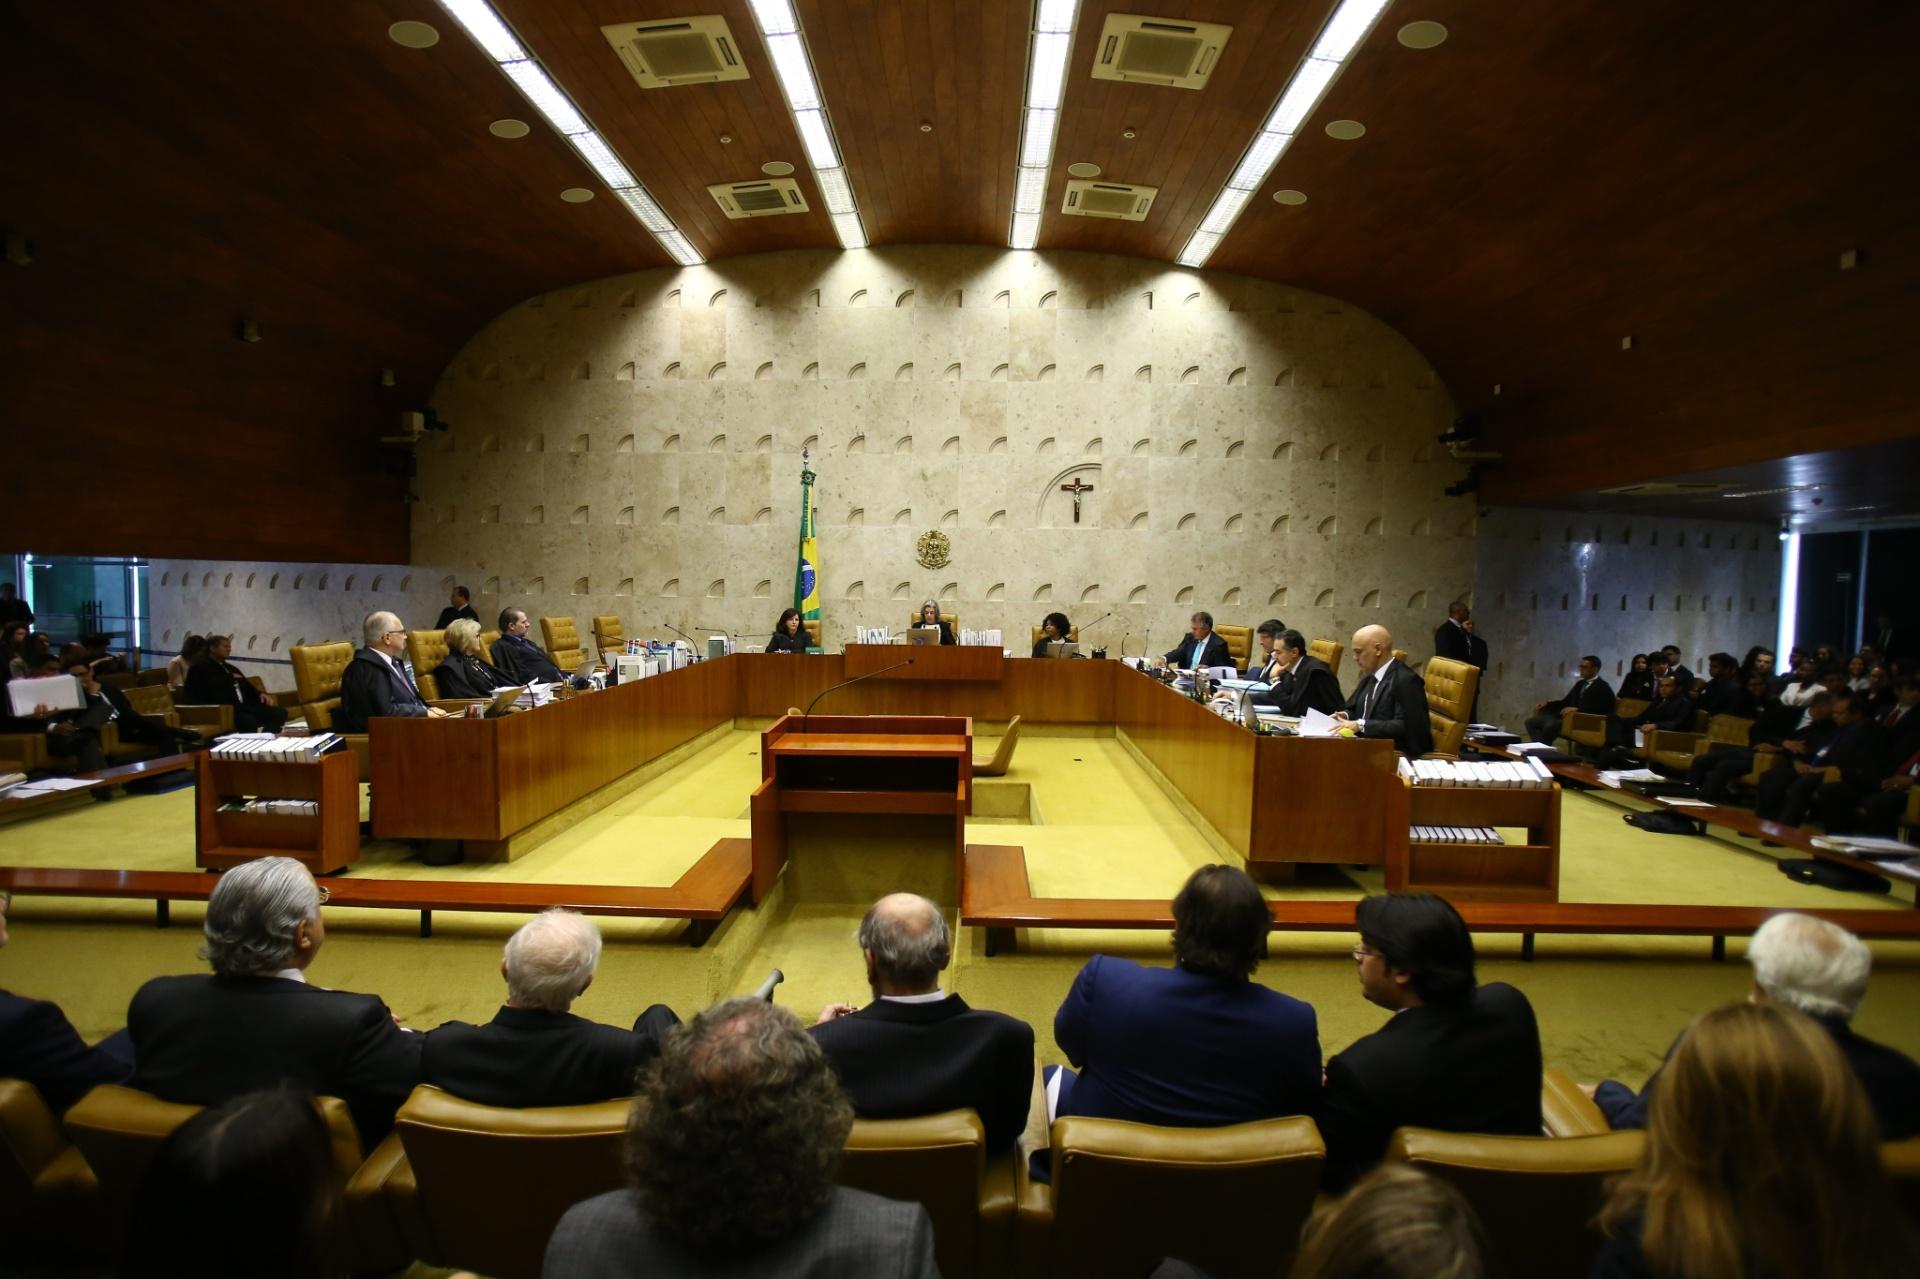 04076e54e63 STF aprova reajuste de 16% para ministros da Corte em 2019  aumento será  votado no Congresso - 08 08 2018 - UOL Notícias